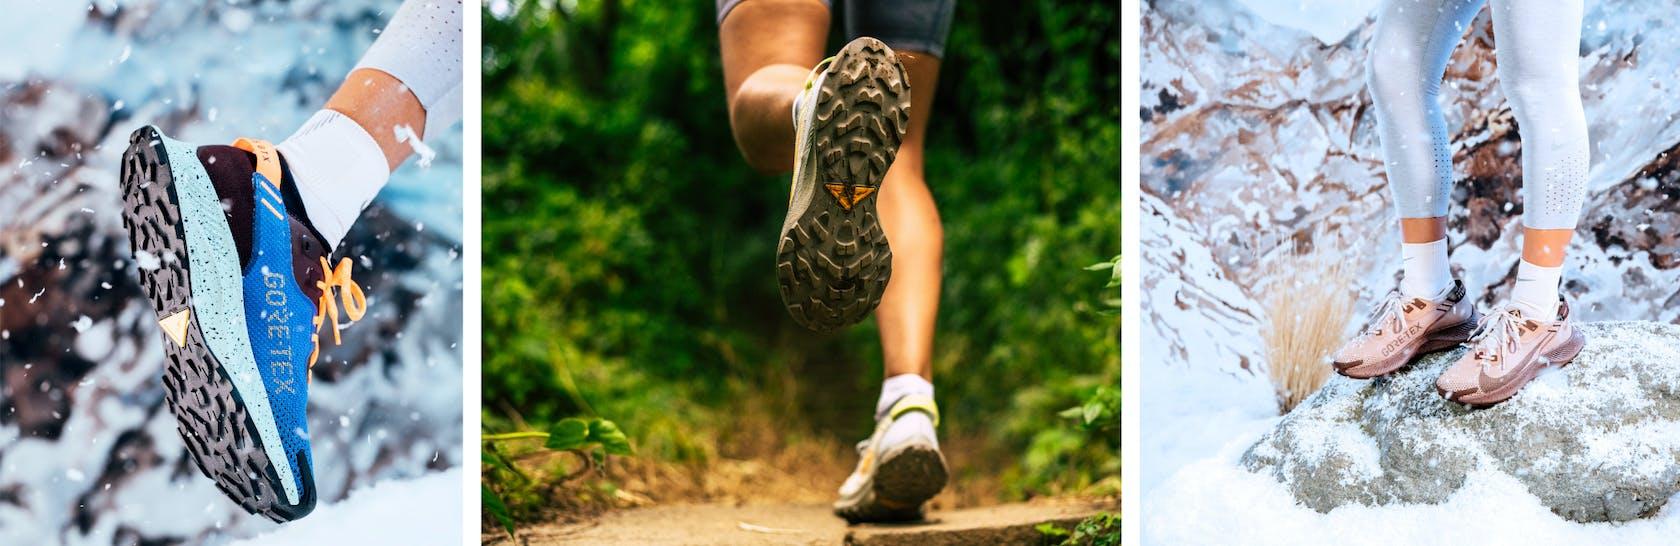 Trailrunningschuhe Nike